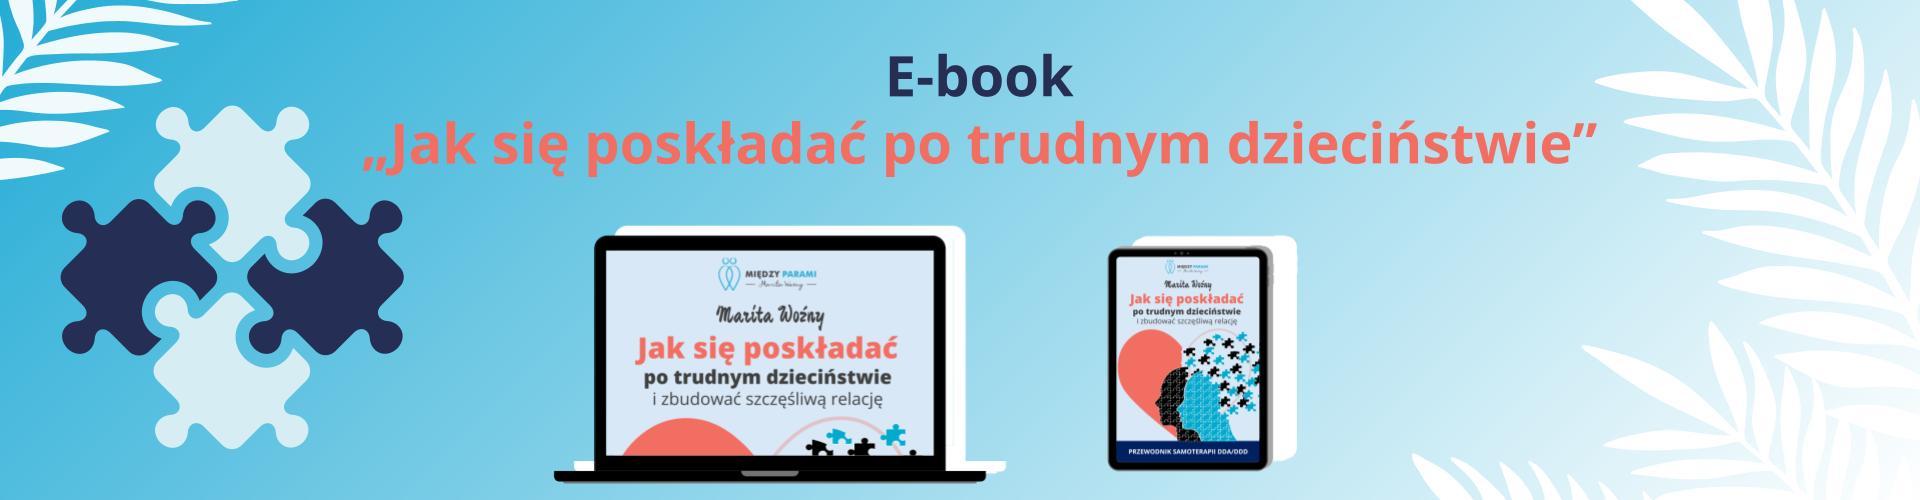 Baner przedstawiający ebook jak się poskladać potrudnym dziecinstwie izbudowac szczesliwa relacje